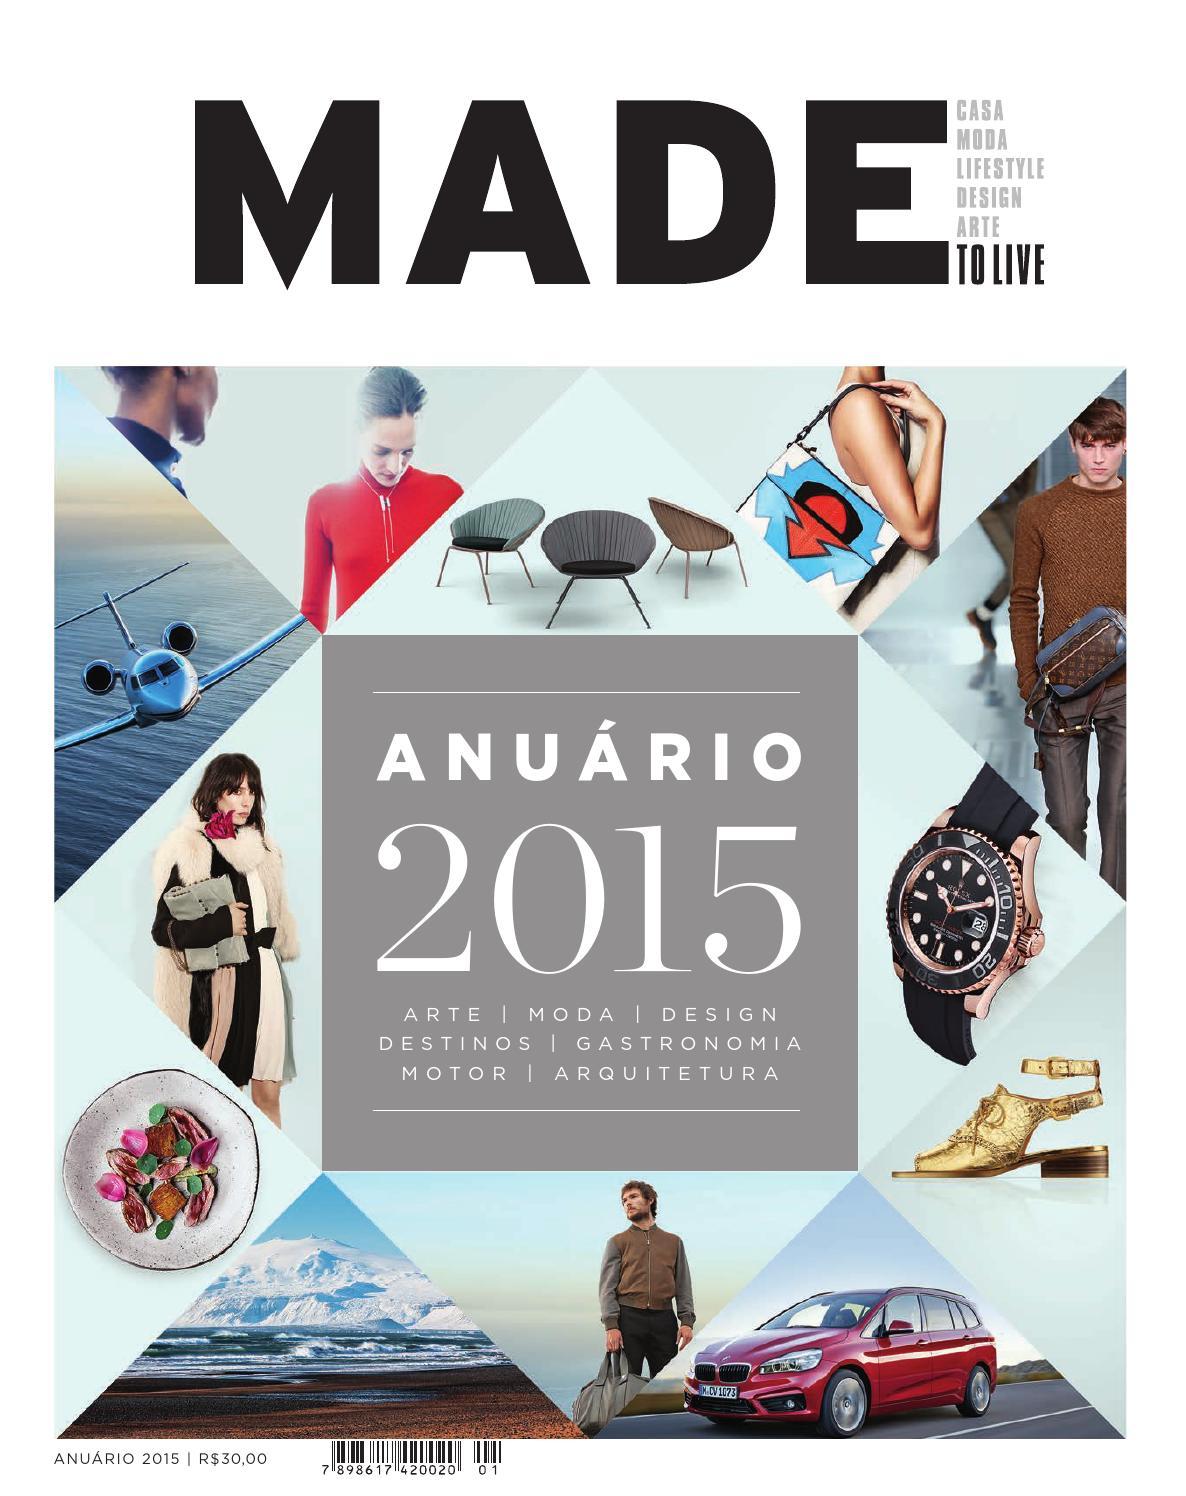 Anuário 2015 by Naiche - issuu b612214b4a